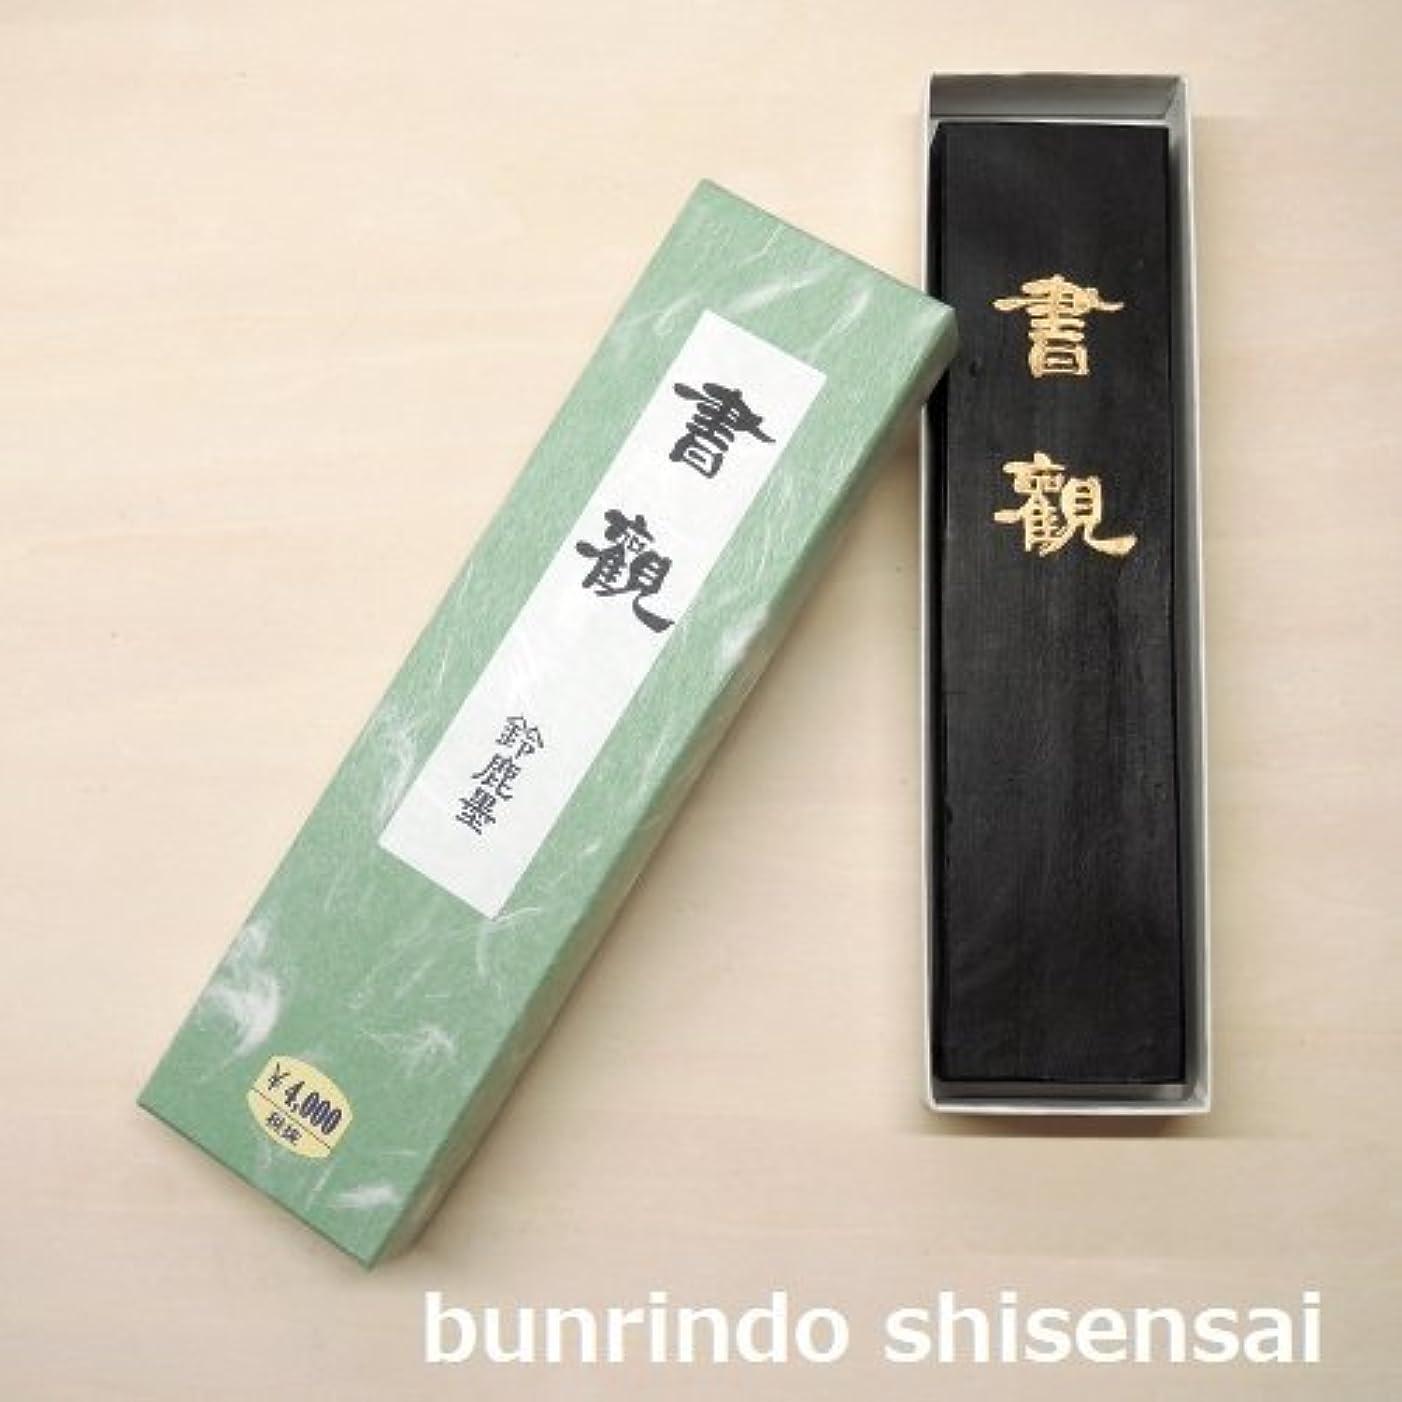 方向講堂鉱石固形墨 漢字用 「書観」 10丁型